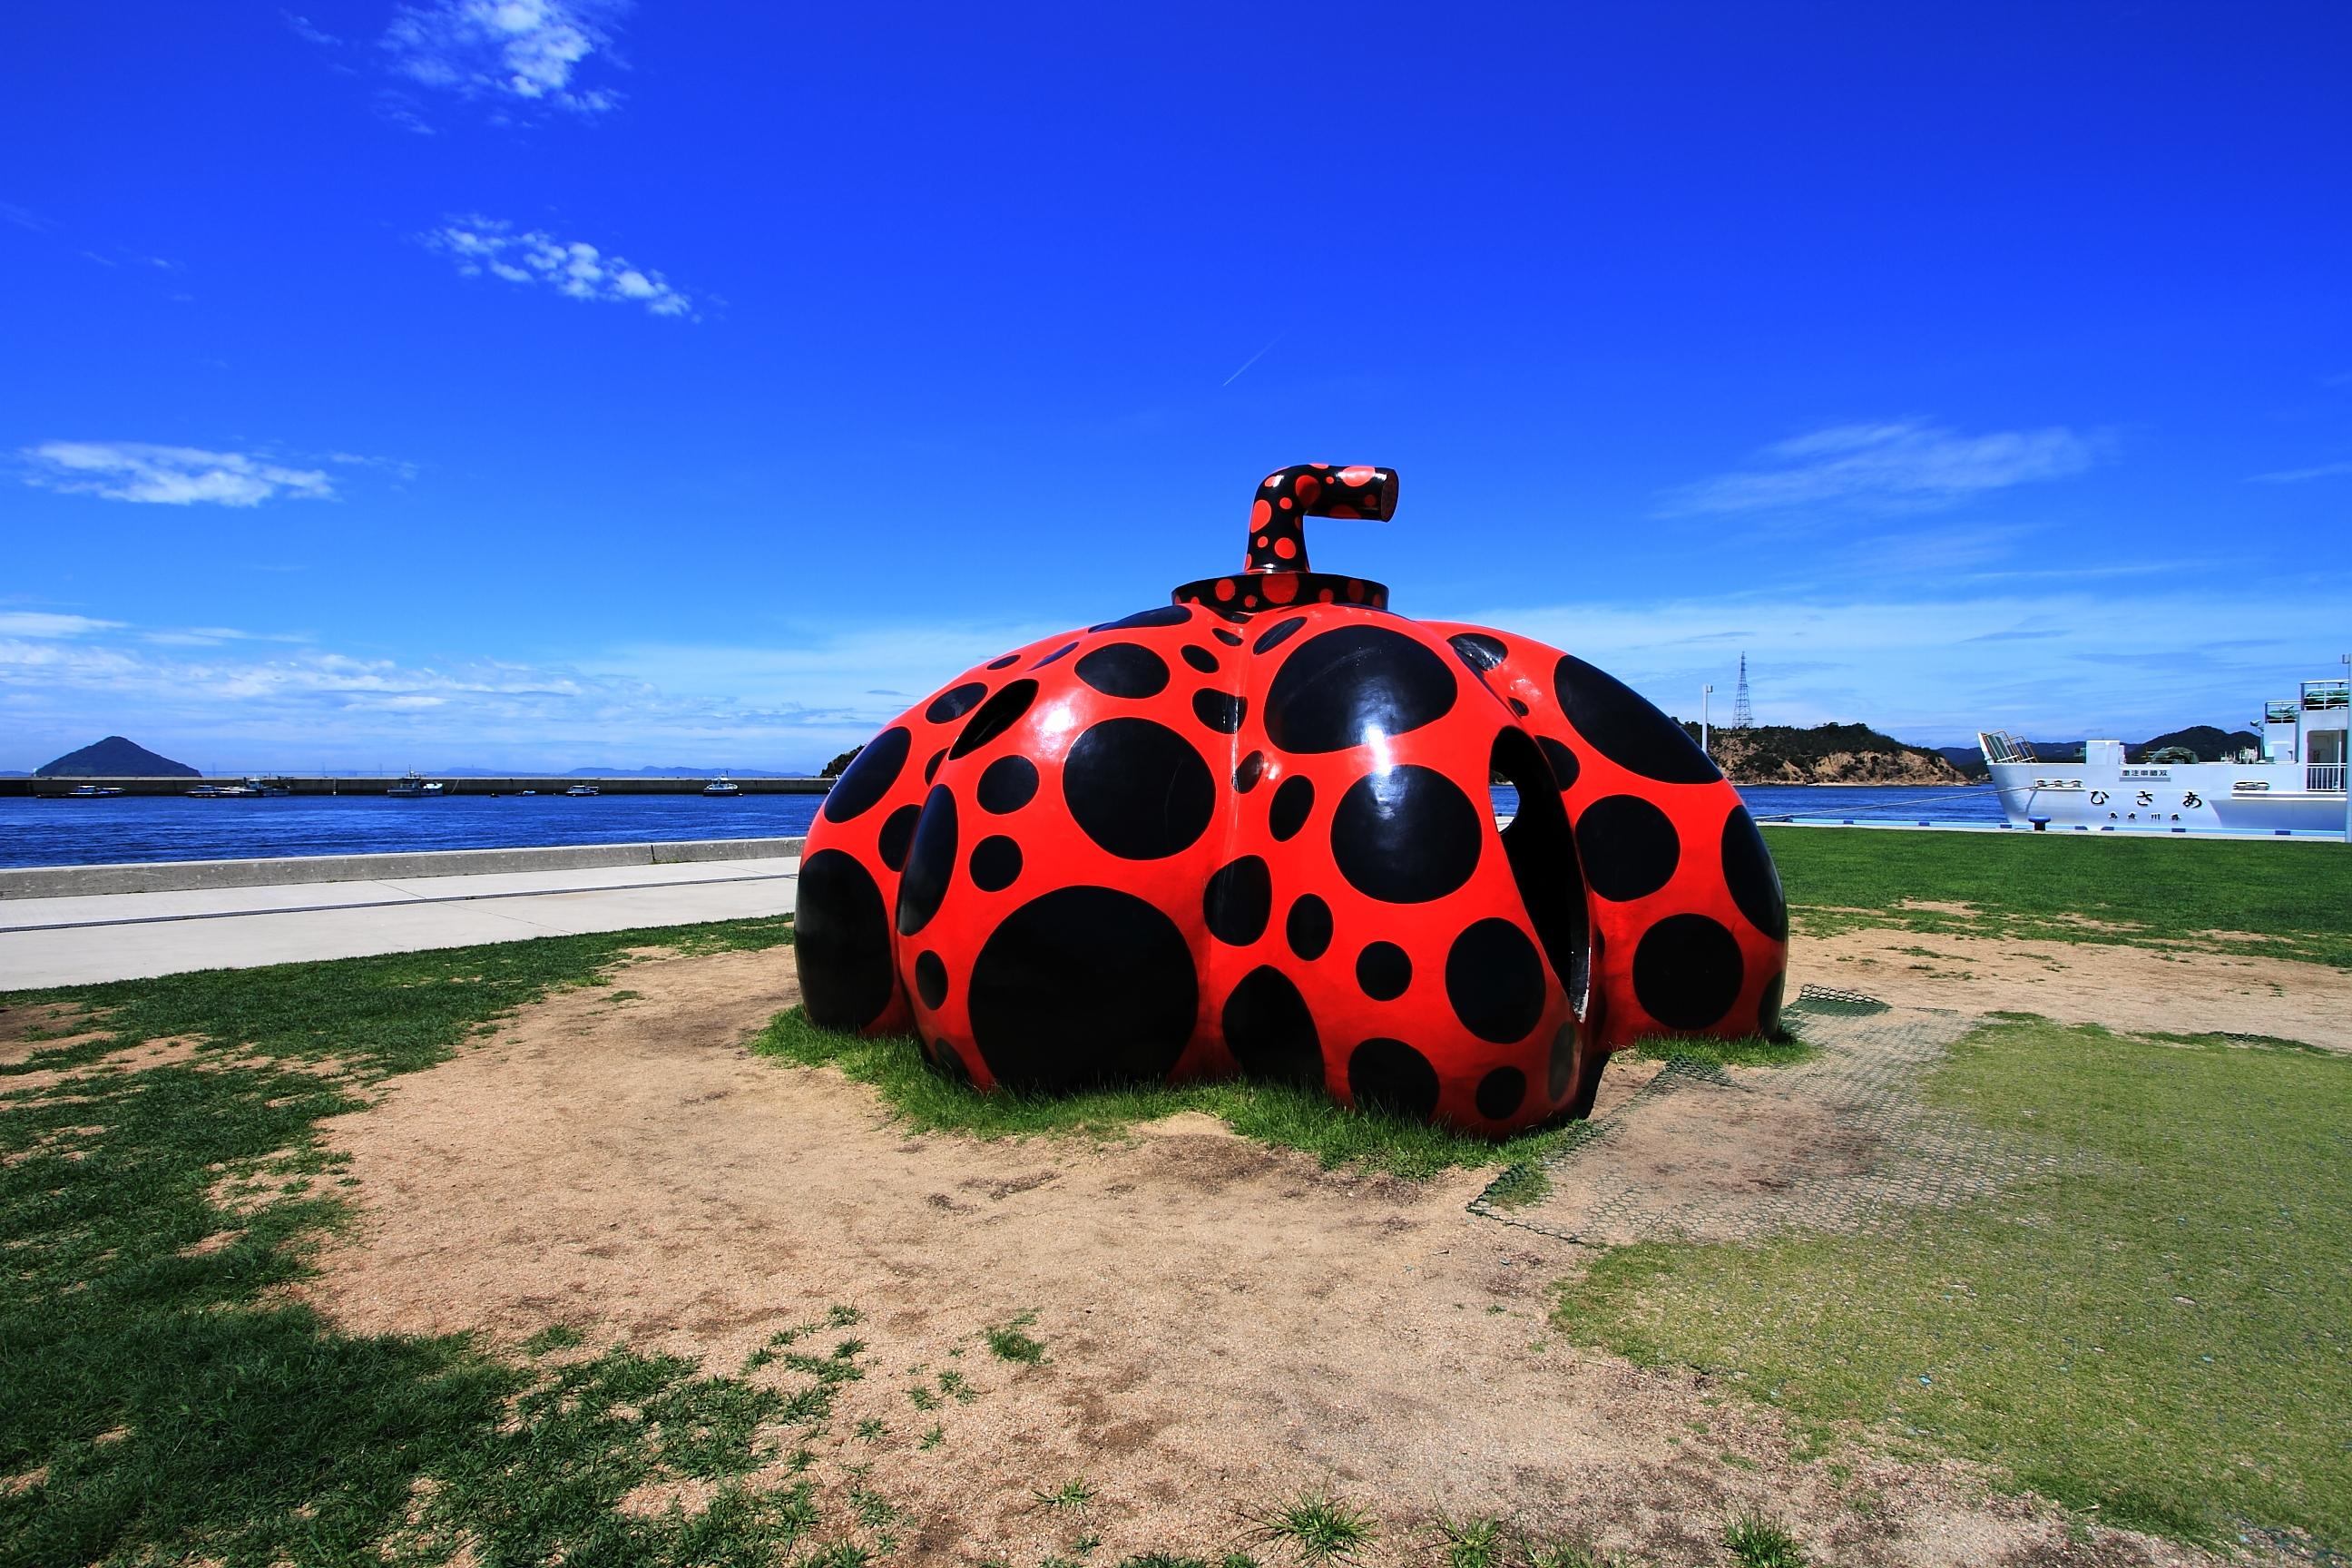 香川・直島観光のモデルコースは?所要時間・宿泊・日帰りなどプランを紹介!